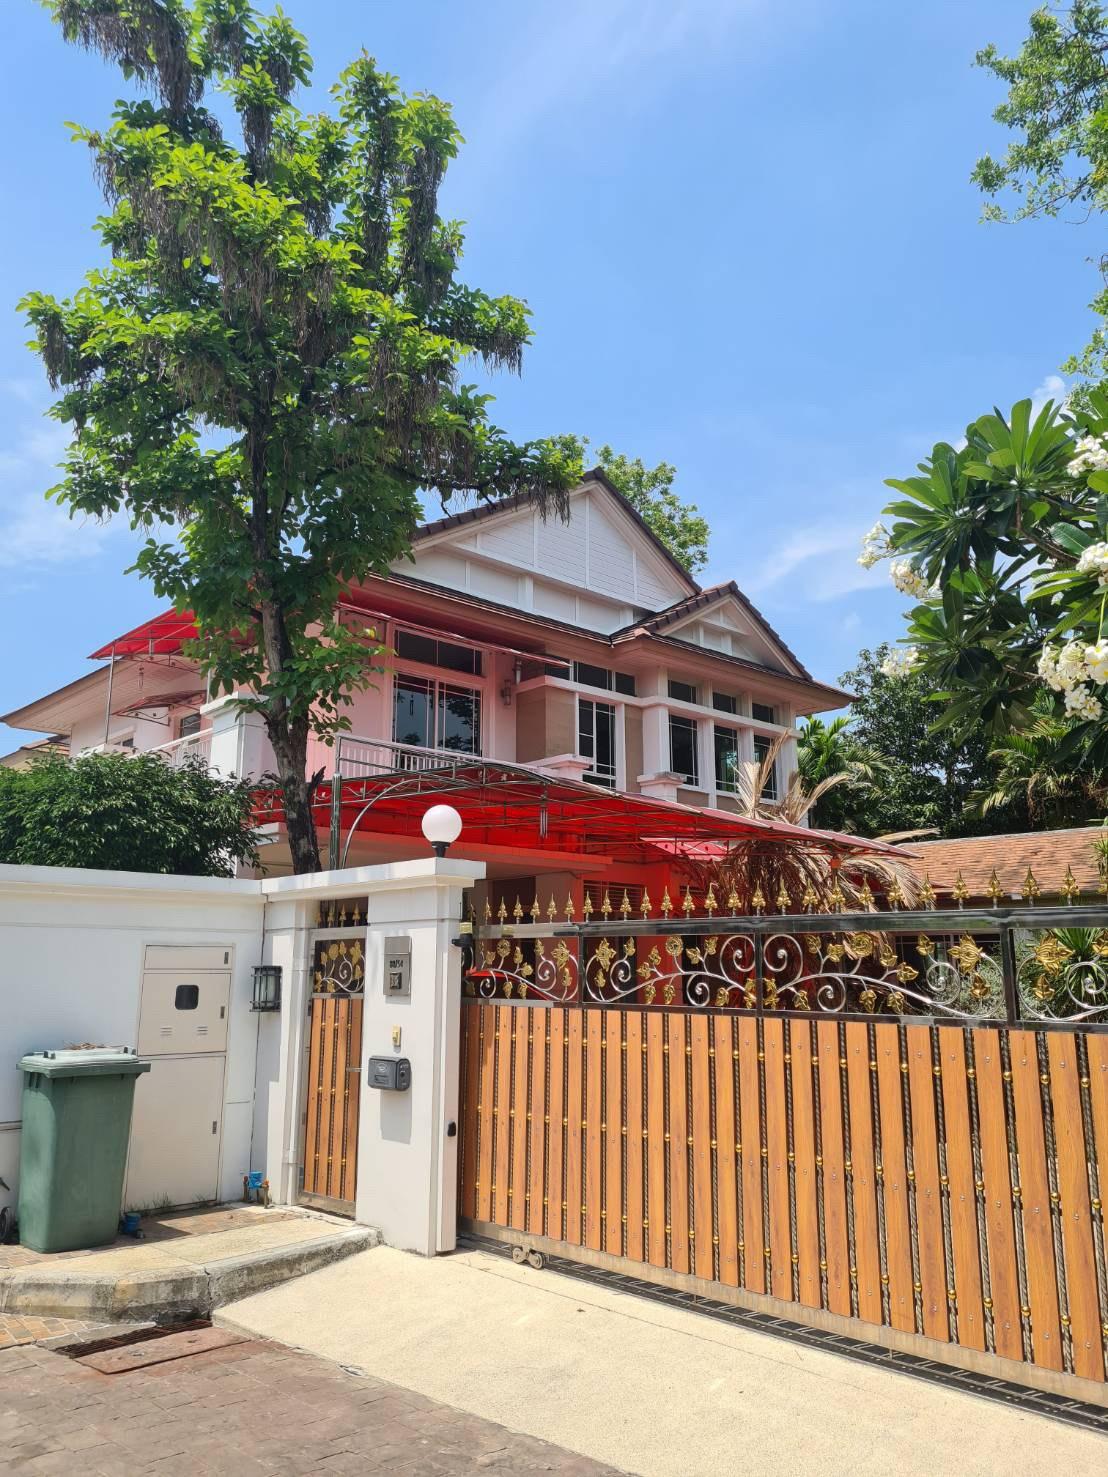 ขายบ้านเดี่ยวสุดหรู 2 ชั้น หมู่บ้านนันทวัน แจ้งวัฒนะ - ราชพฤกษ์ (Baan Nanthawan Chaengwattana-Ratcha